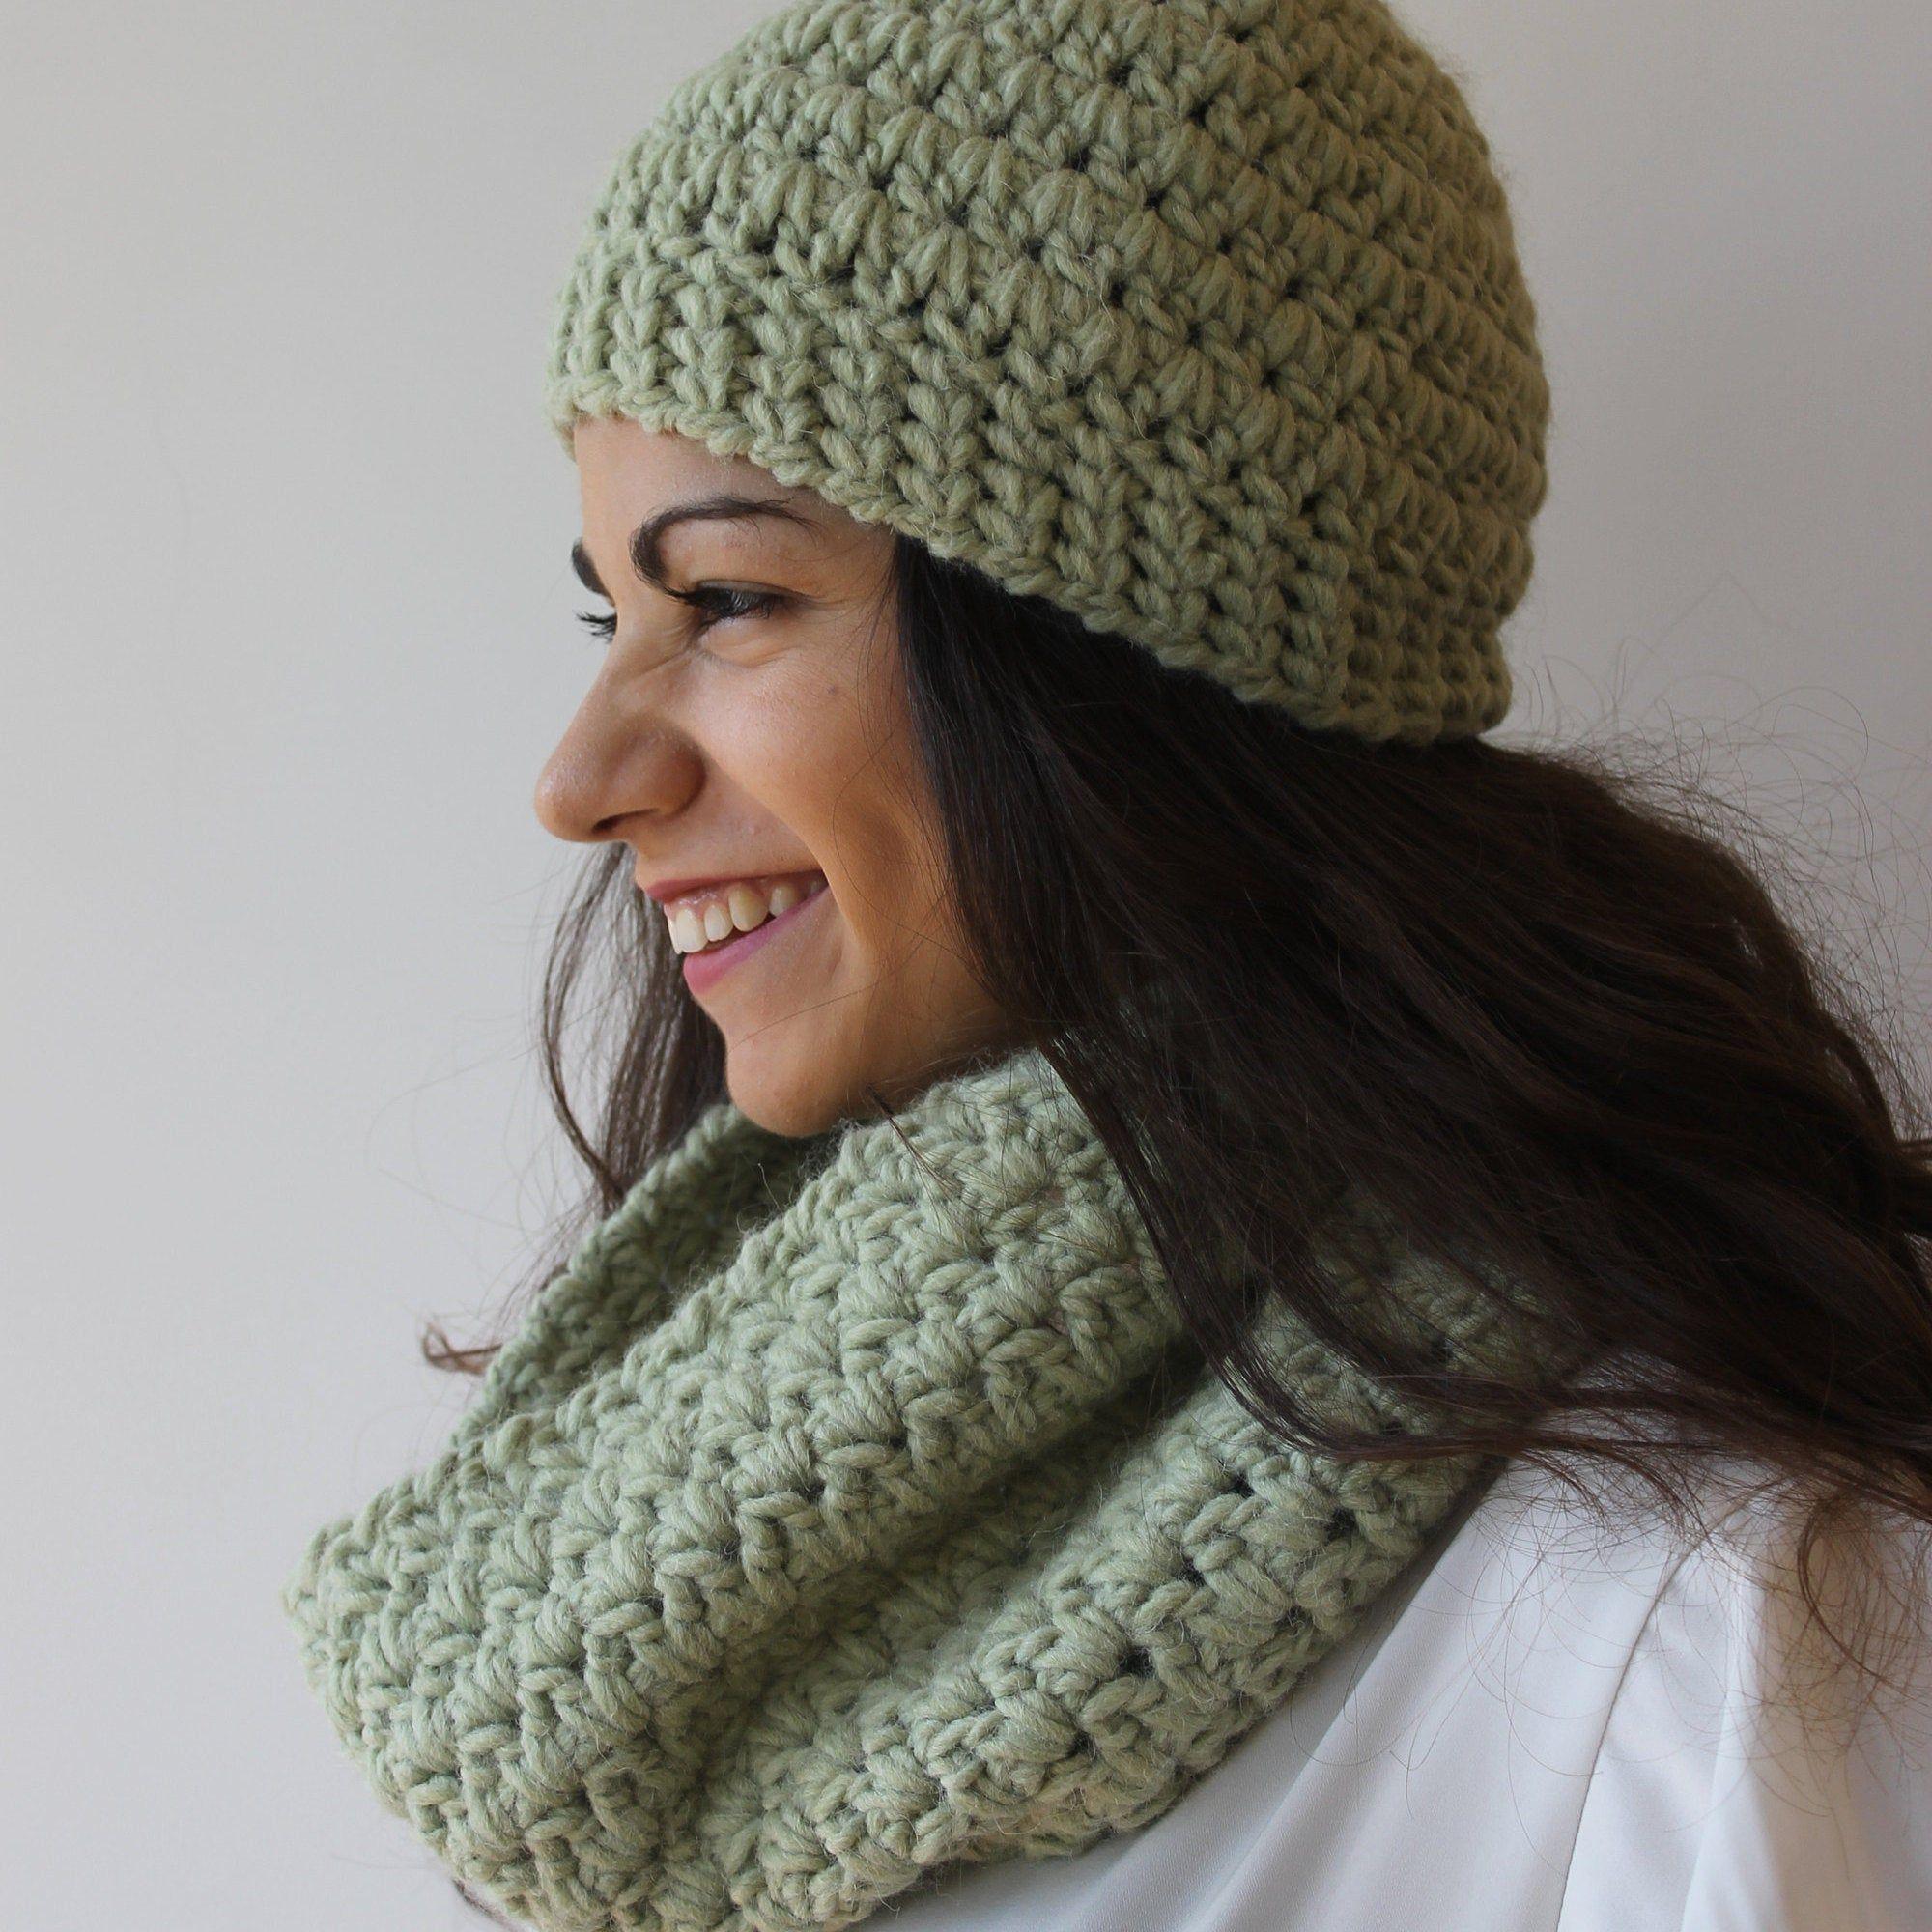 Sciarpa E Cappello Uncinetto Sciarpa Ad Anello Verde Lana Etsy Hat And Scarf Sets Scarf Set Neck Warmer